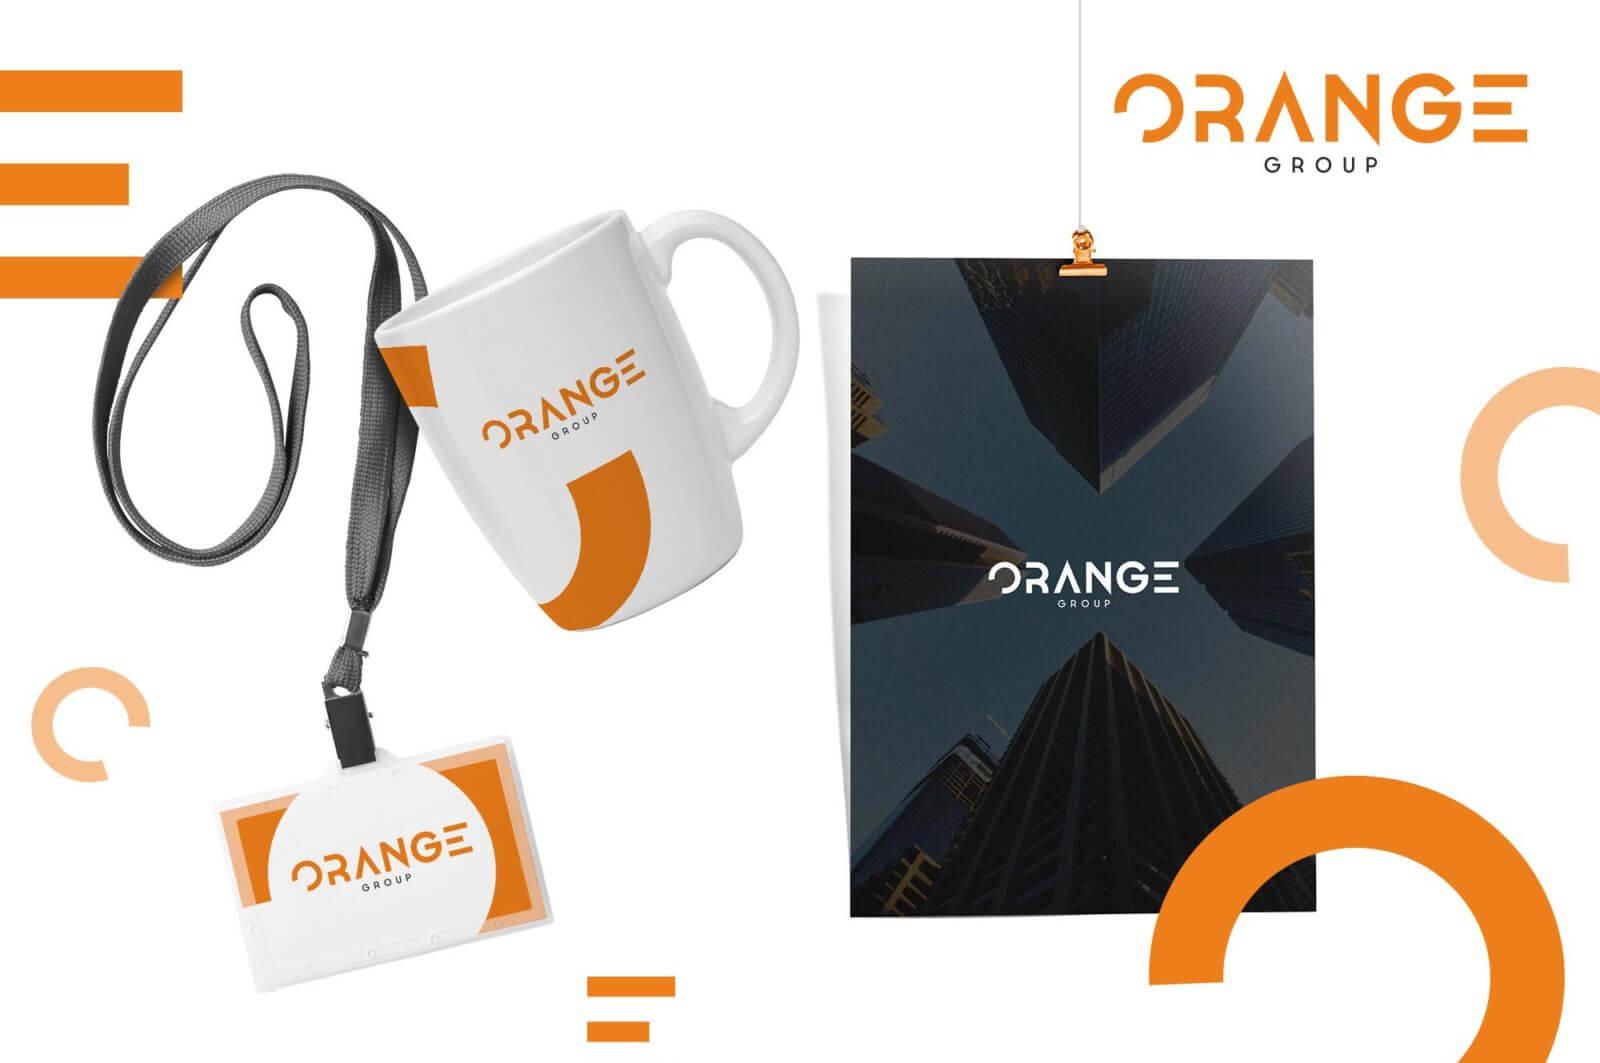 Брендинг группы компаний Orange фирменный стиль